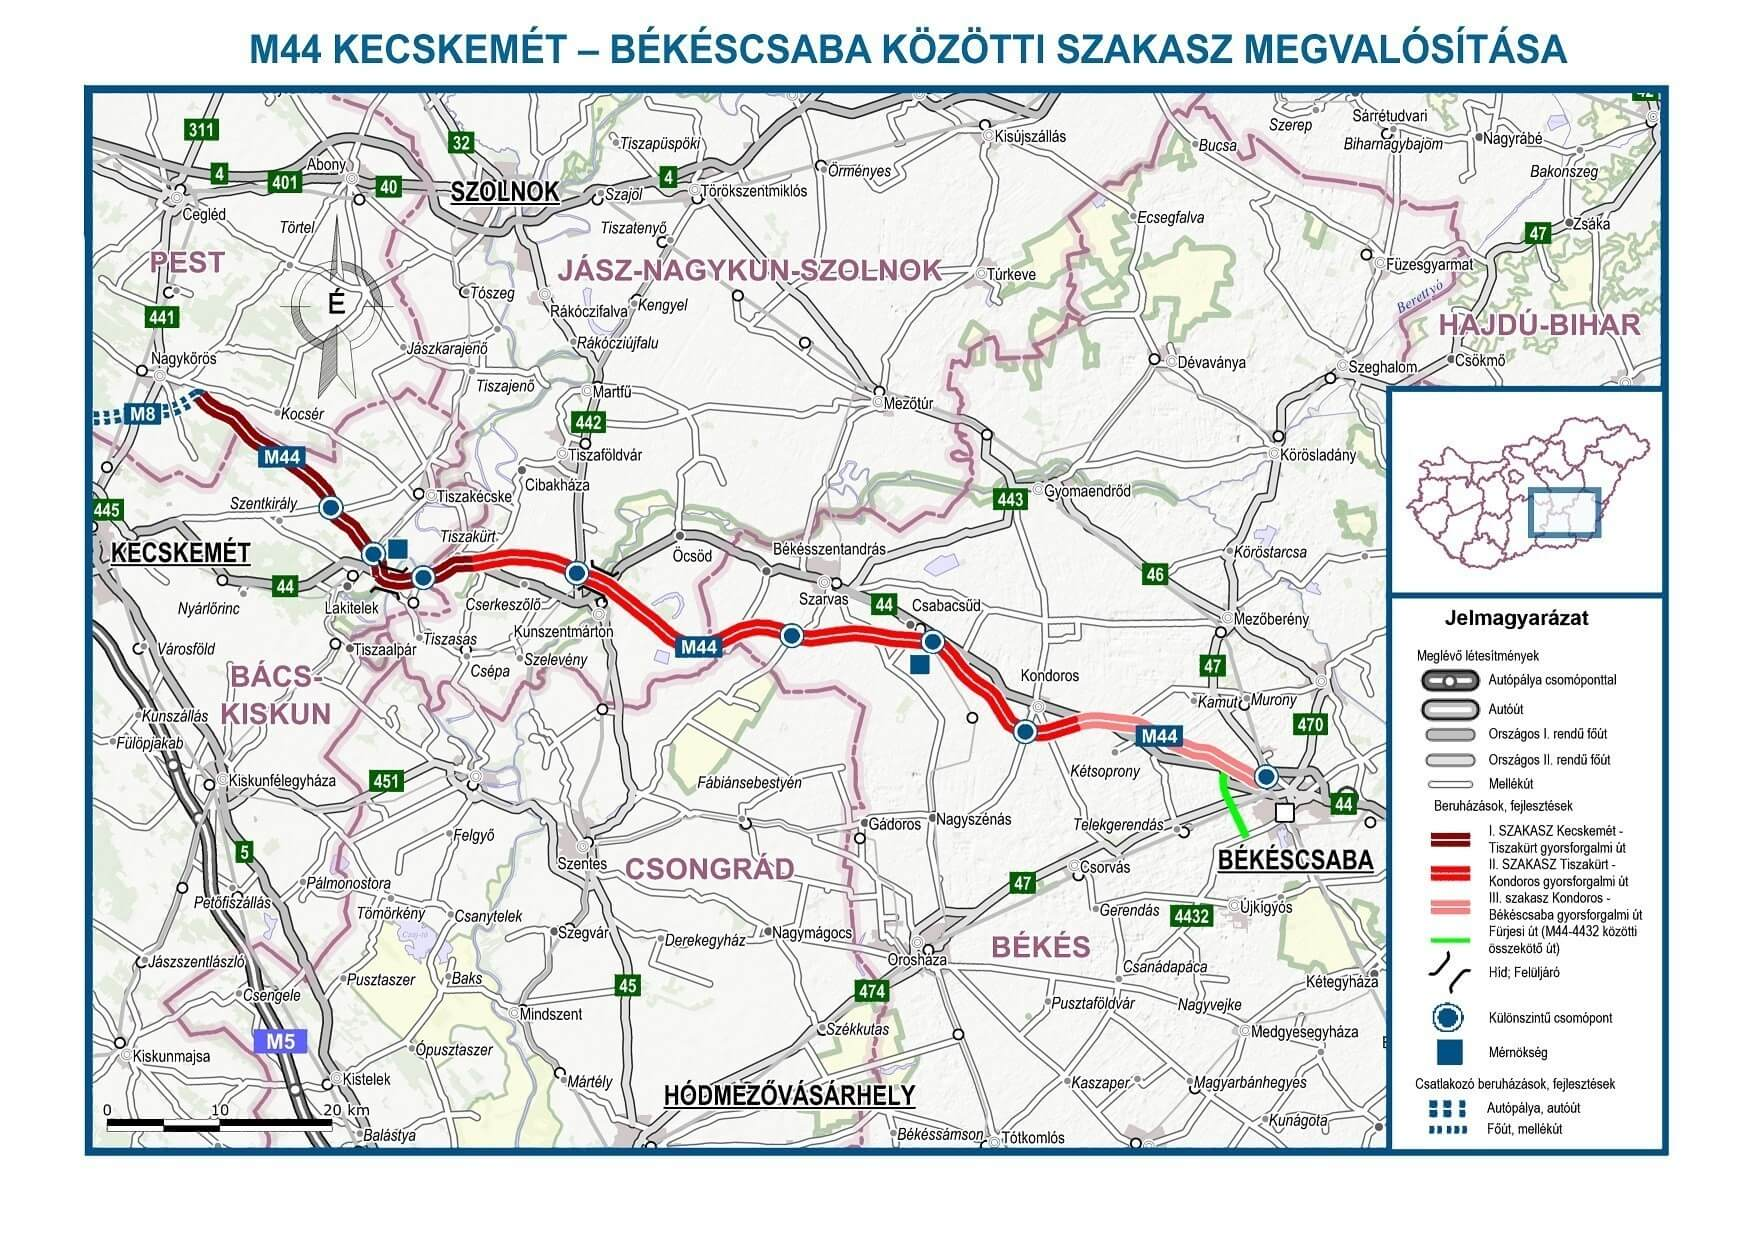 M44 Uj Megyek Kaptak Gyorsforgalmi Elerest Magyar Epitok